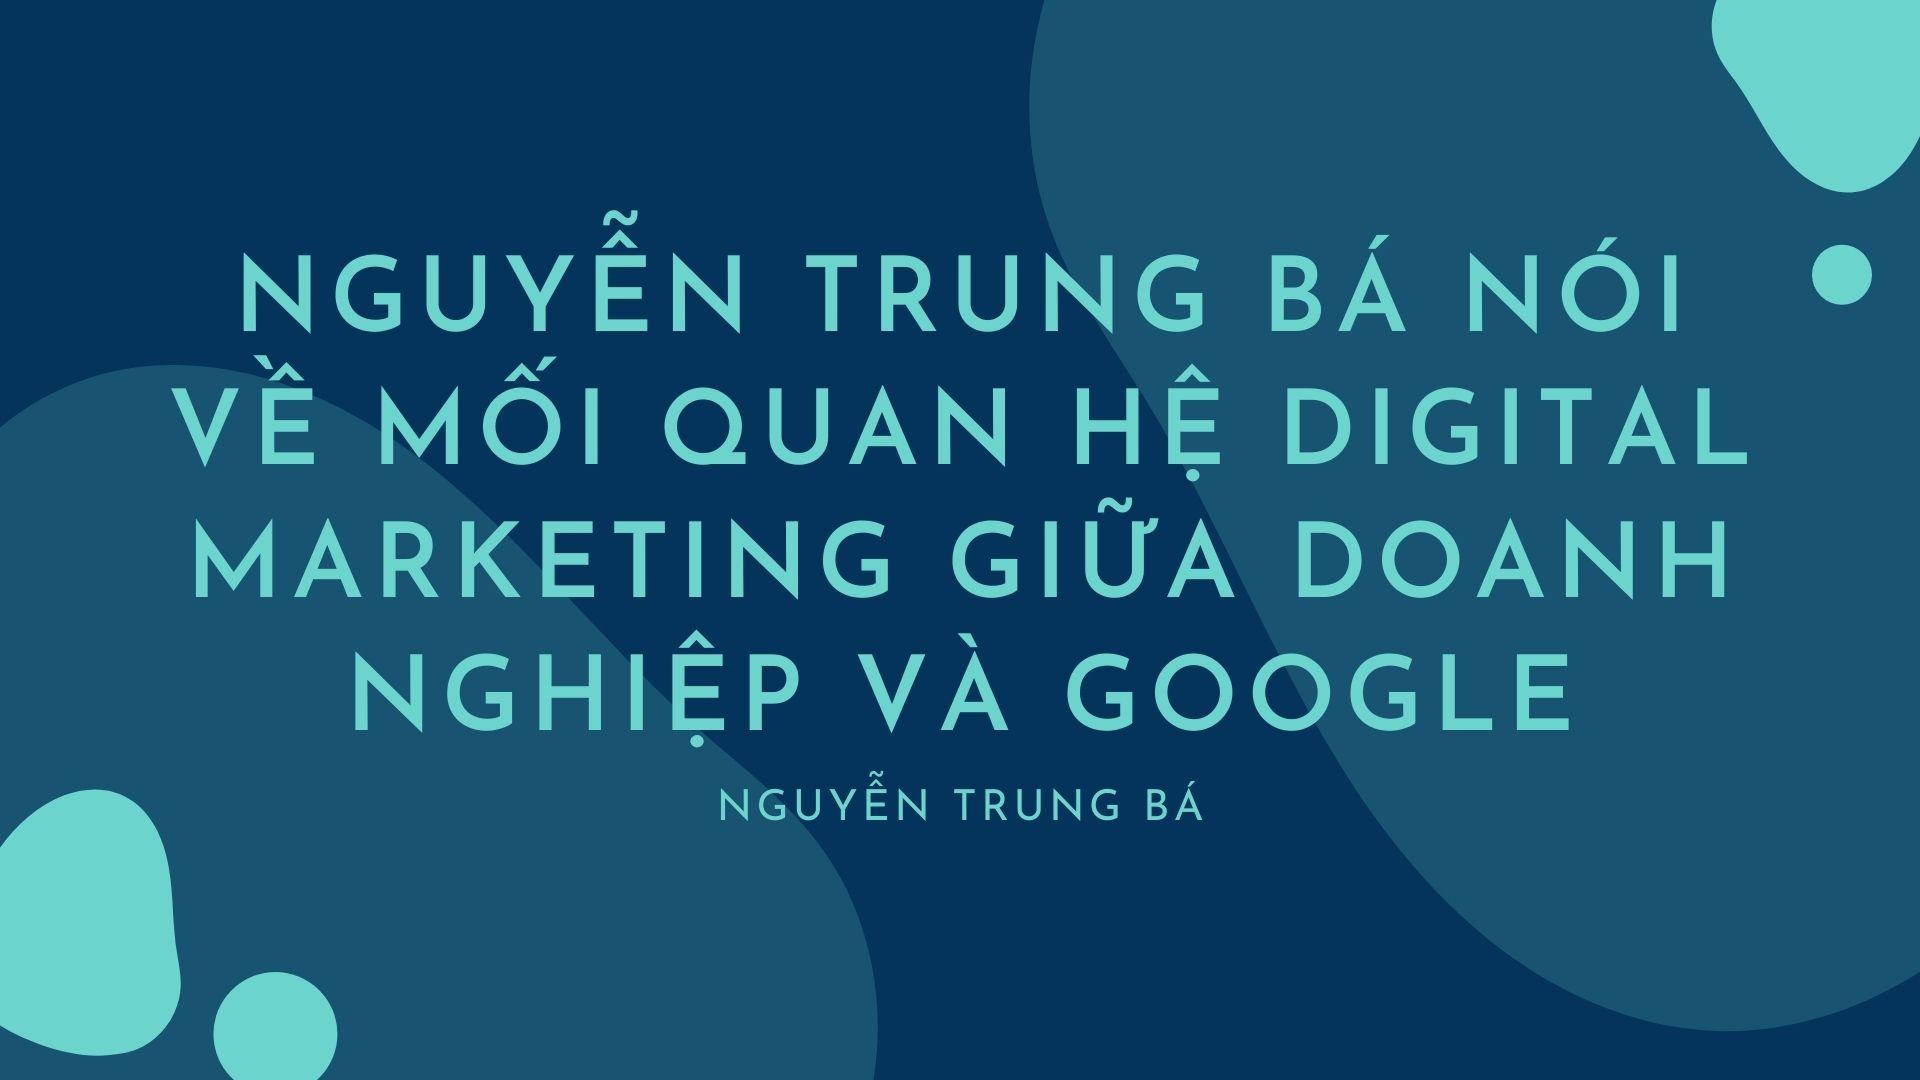 Nguyen Trung Ba noi ve moi quan he digital marketing giua Google va doanh nghiep 1